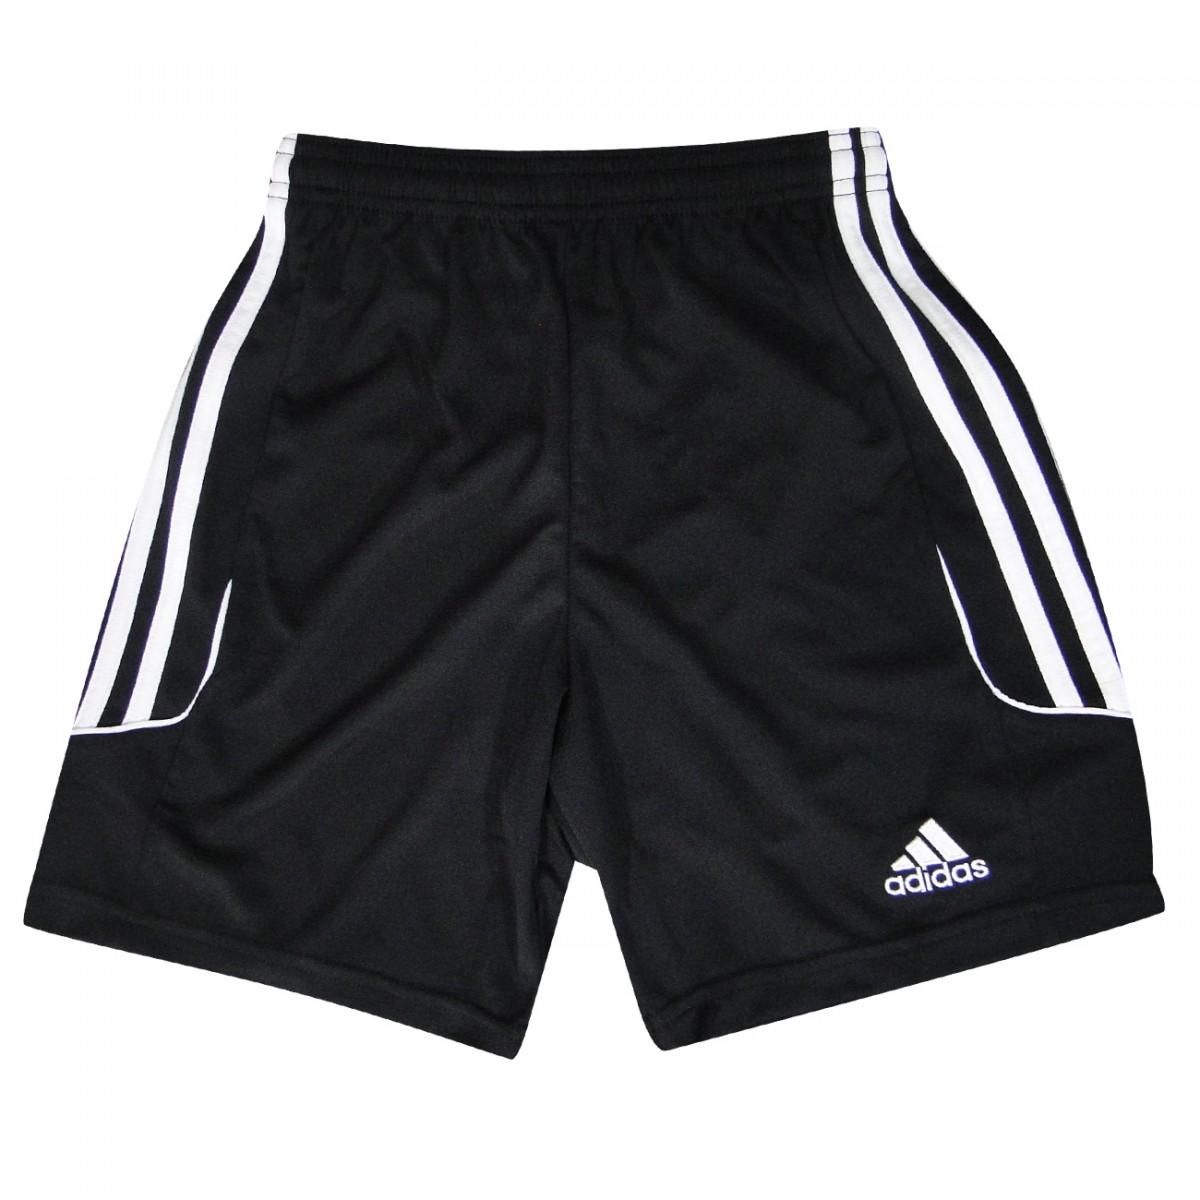 60dbb1176a Calção Adidas Squadra 13 Infantil Z21585 - Preto Branco - Chuteira Nike